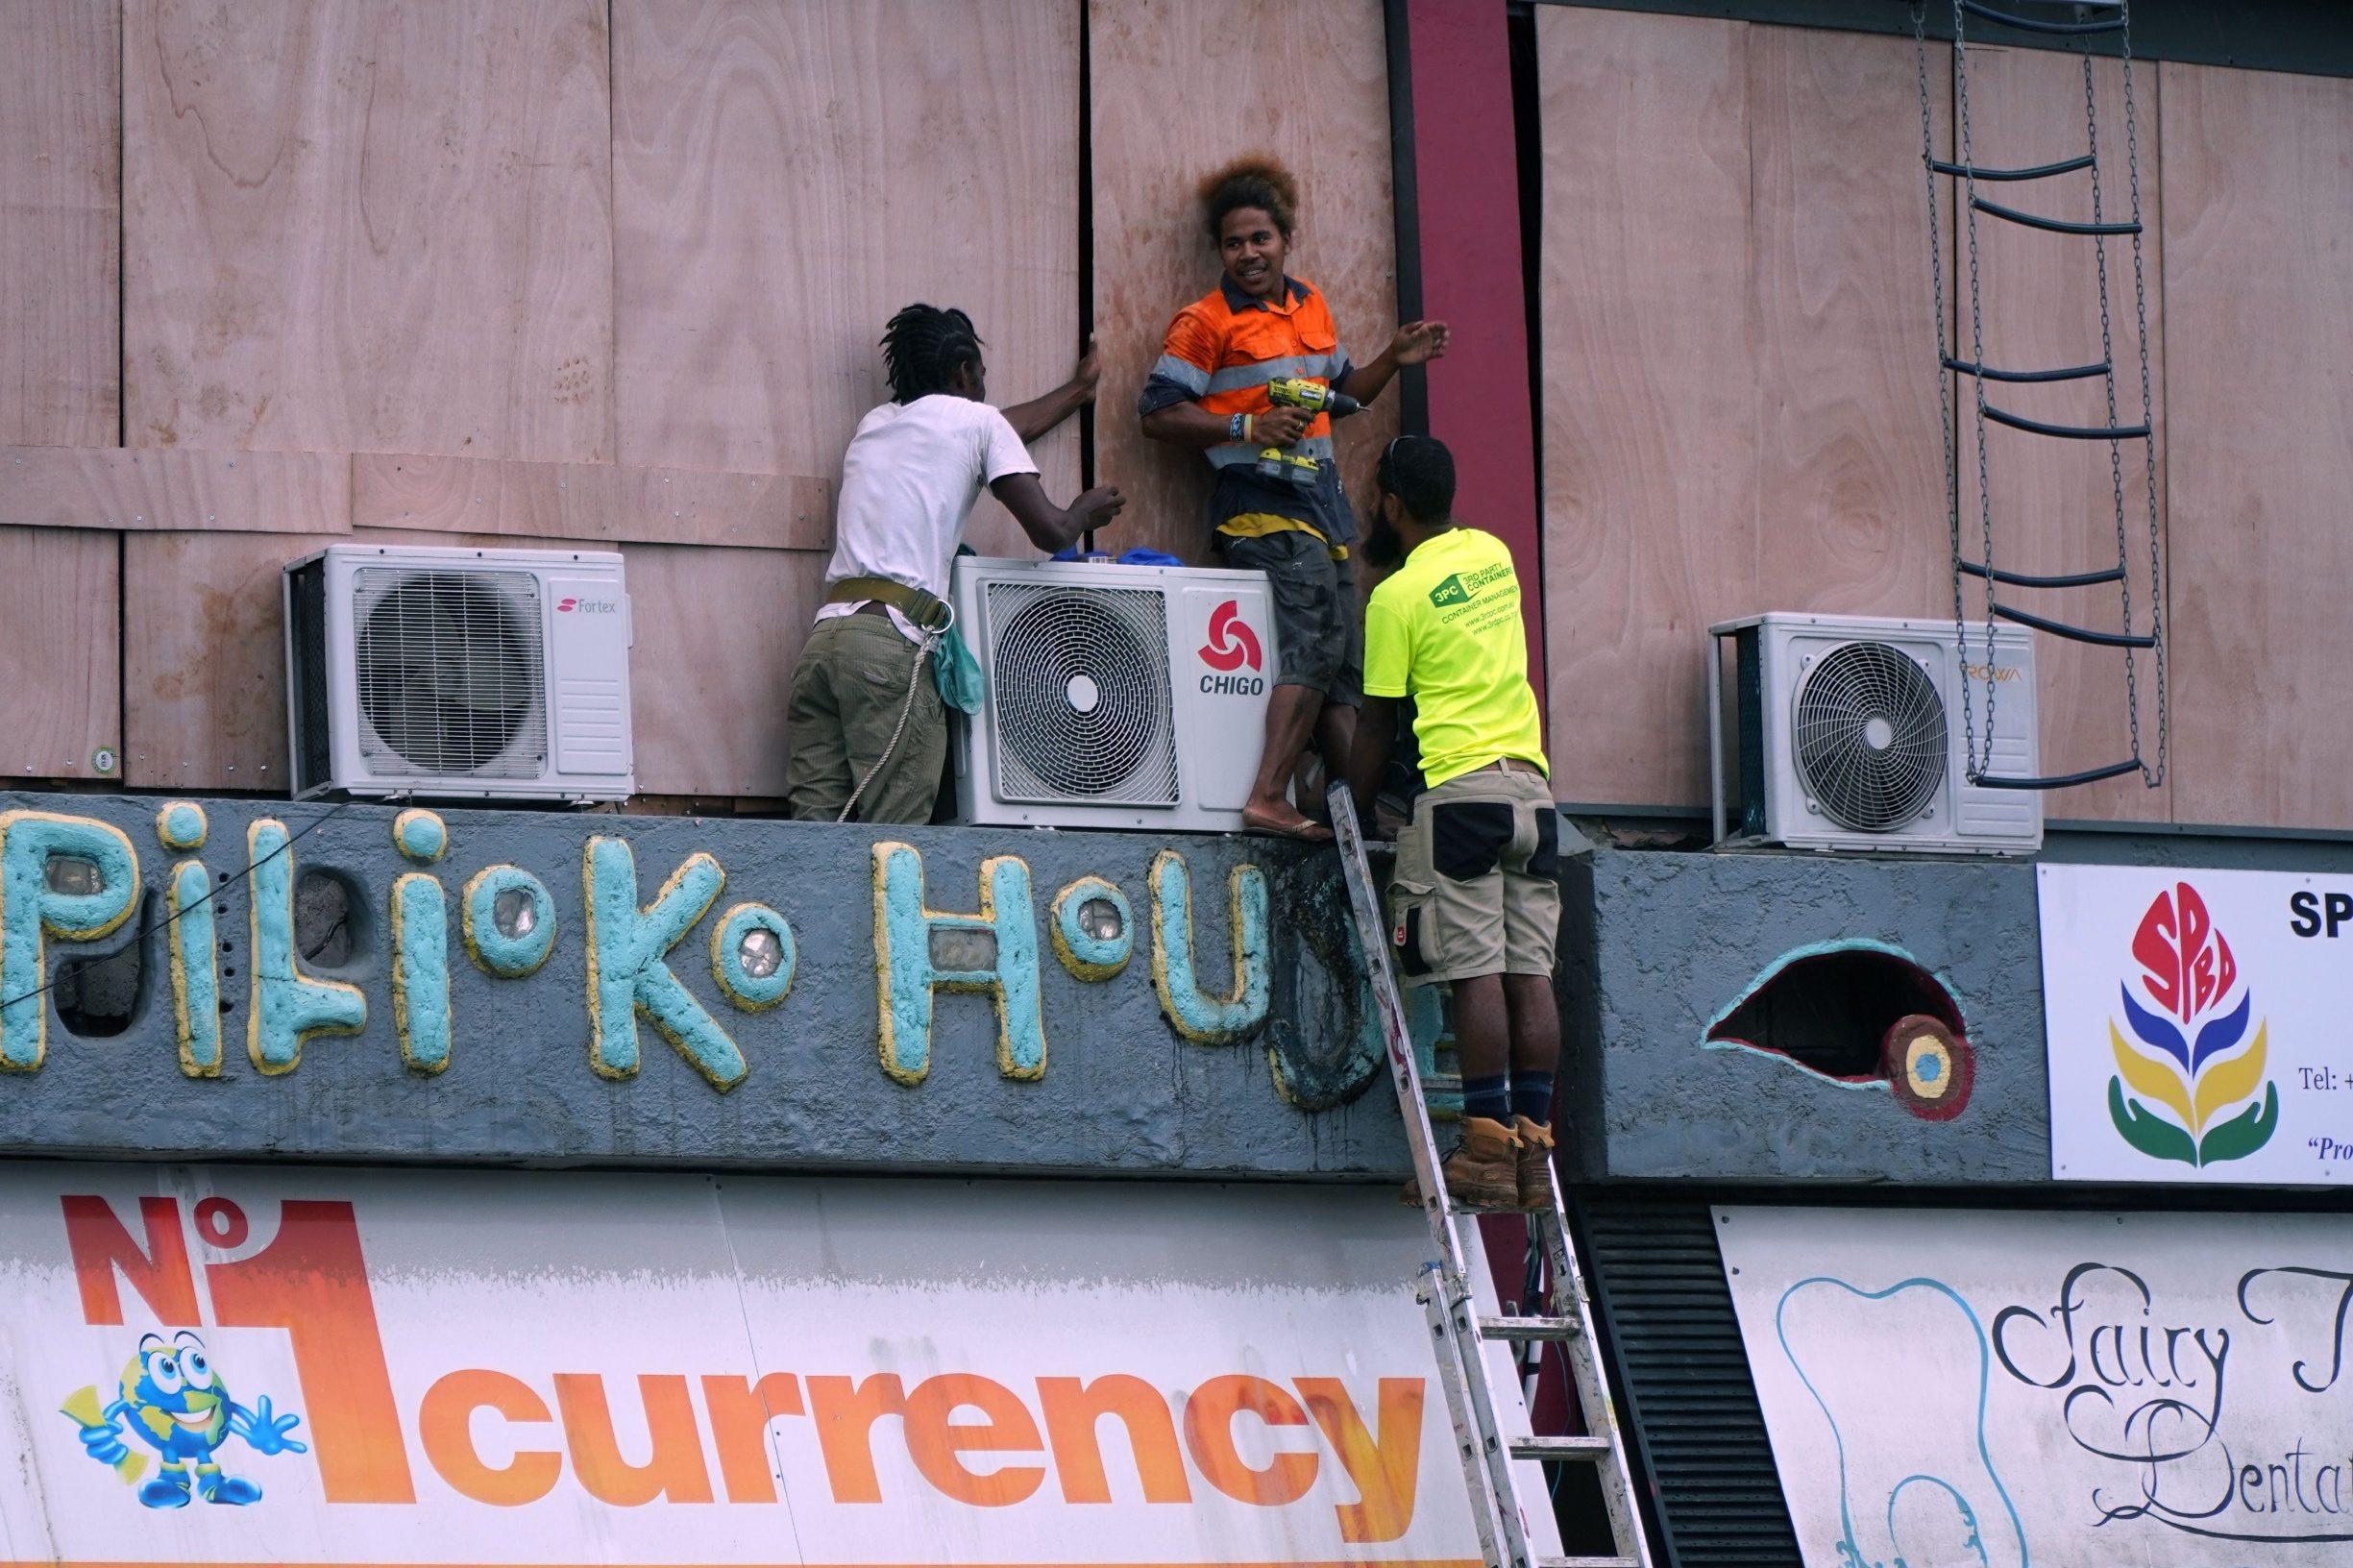 Građana Porta Vile uoči udara tropskog ciklona Harolda